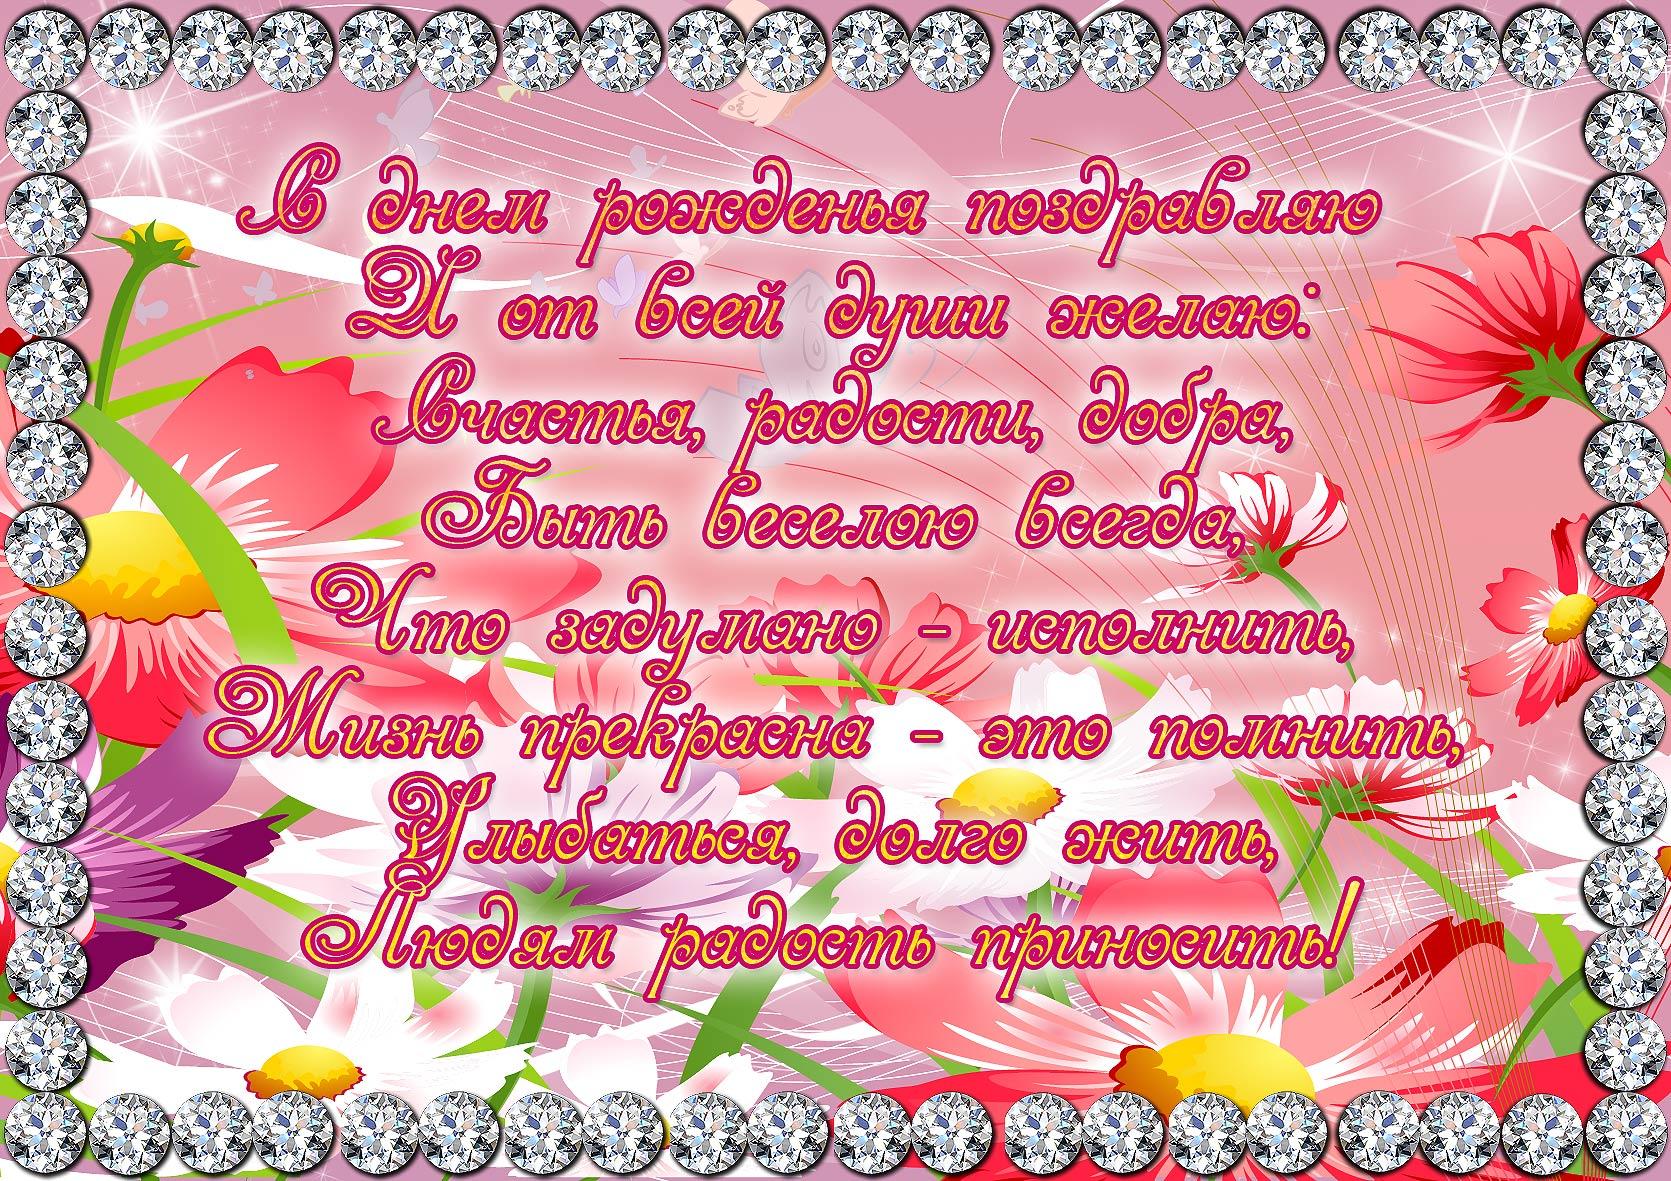 Маленькие стихи для поздравления на свадьбу фото 249